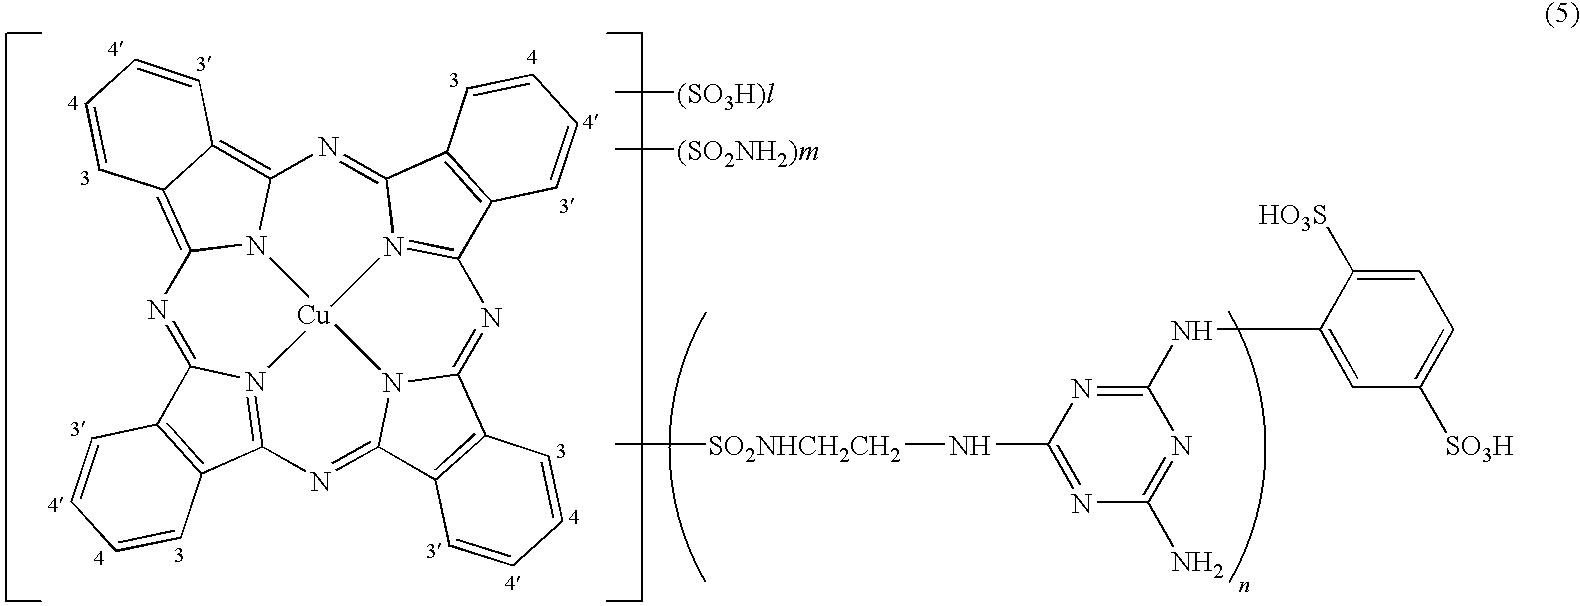 Figure US07846516-20101207-C00005